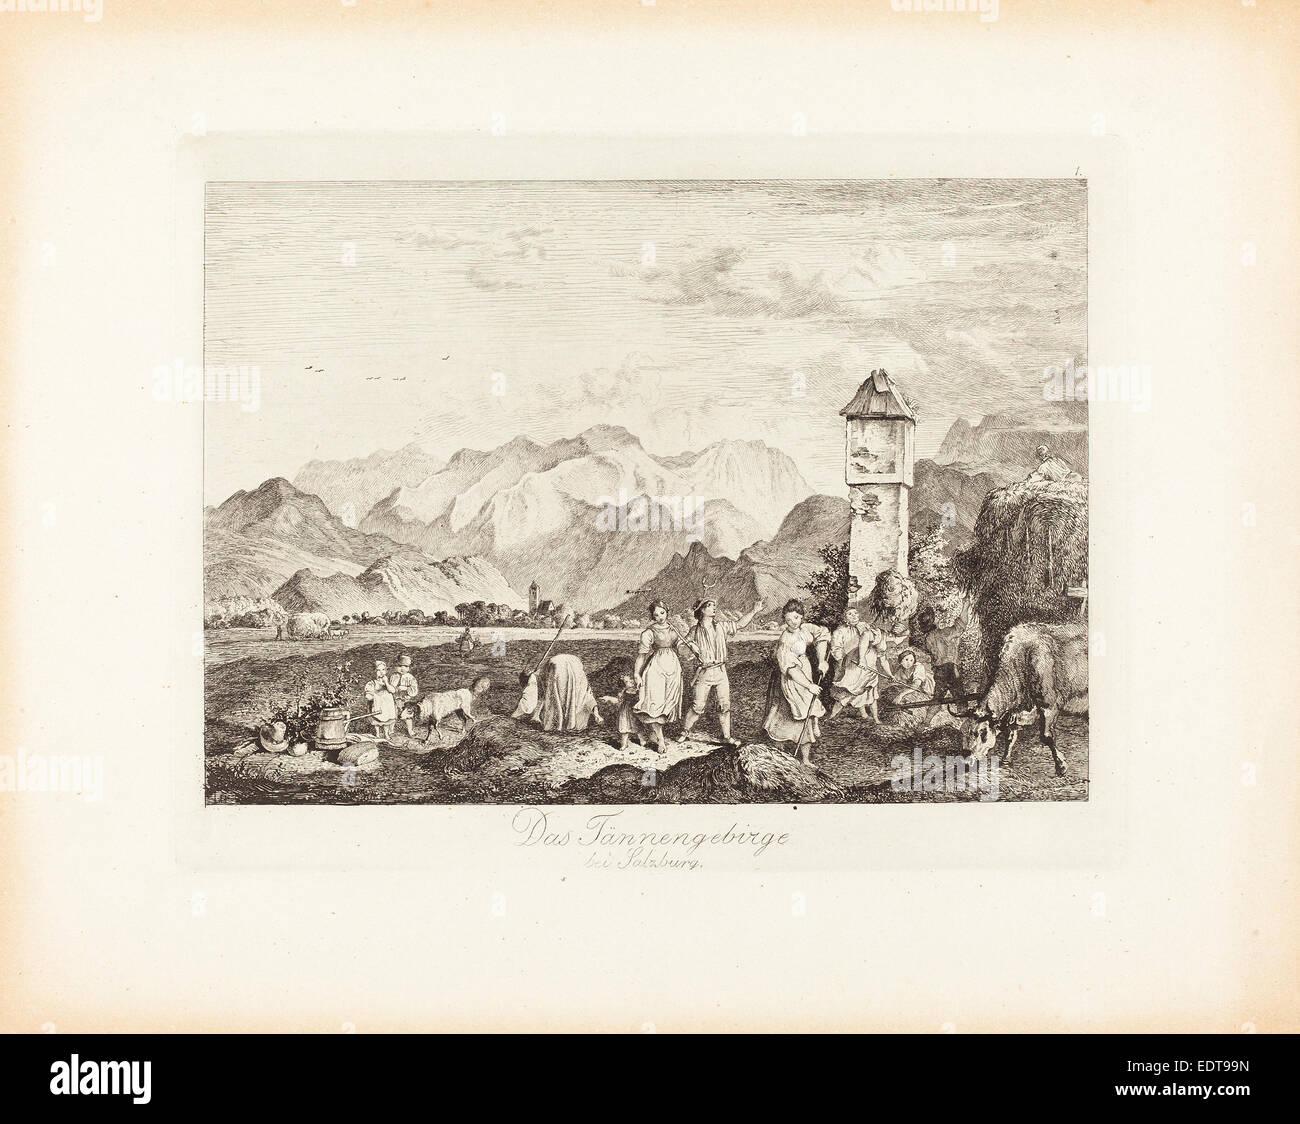 Ludwig Richter (German, 1803 - 1884), Das Tännengebirge bei Salzburg (The Tännengebirge near Salzburg), - Stock Image